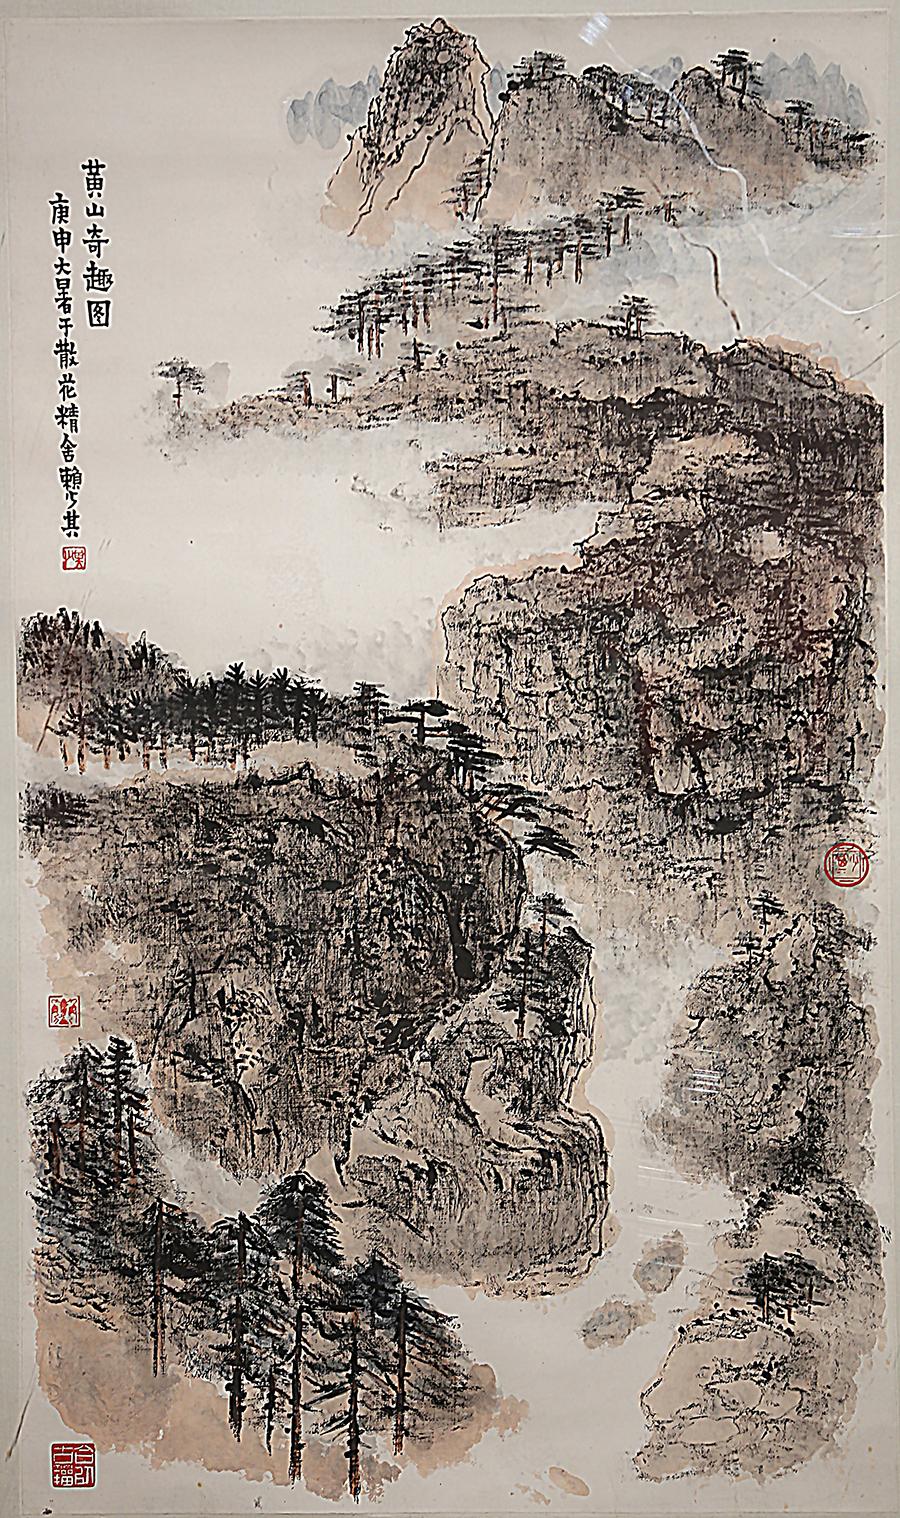 赖少其《黄山奇趣图》中国画 1980年 赖少其艺术馆藏